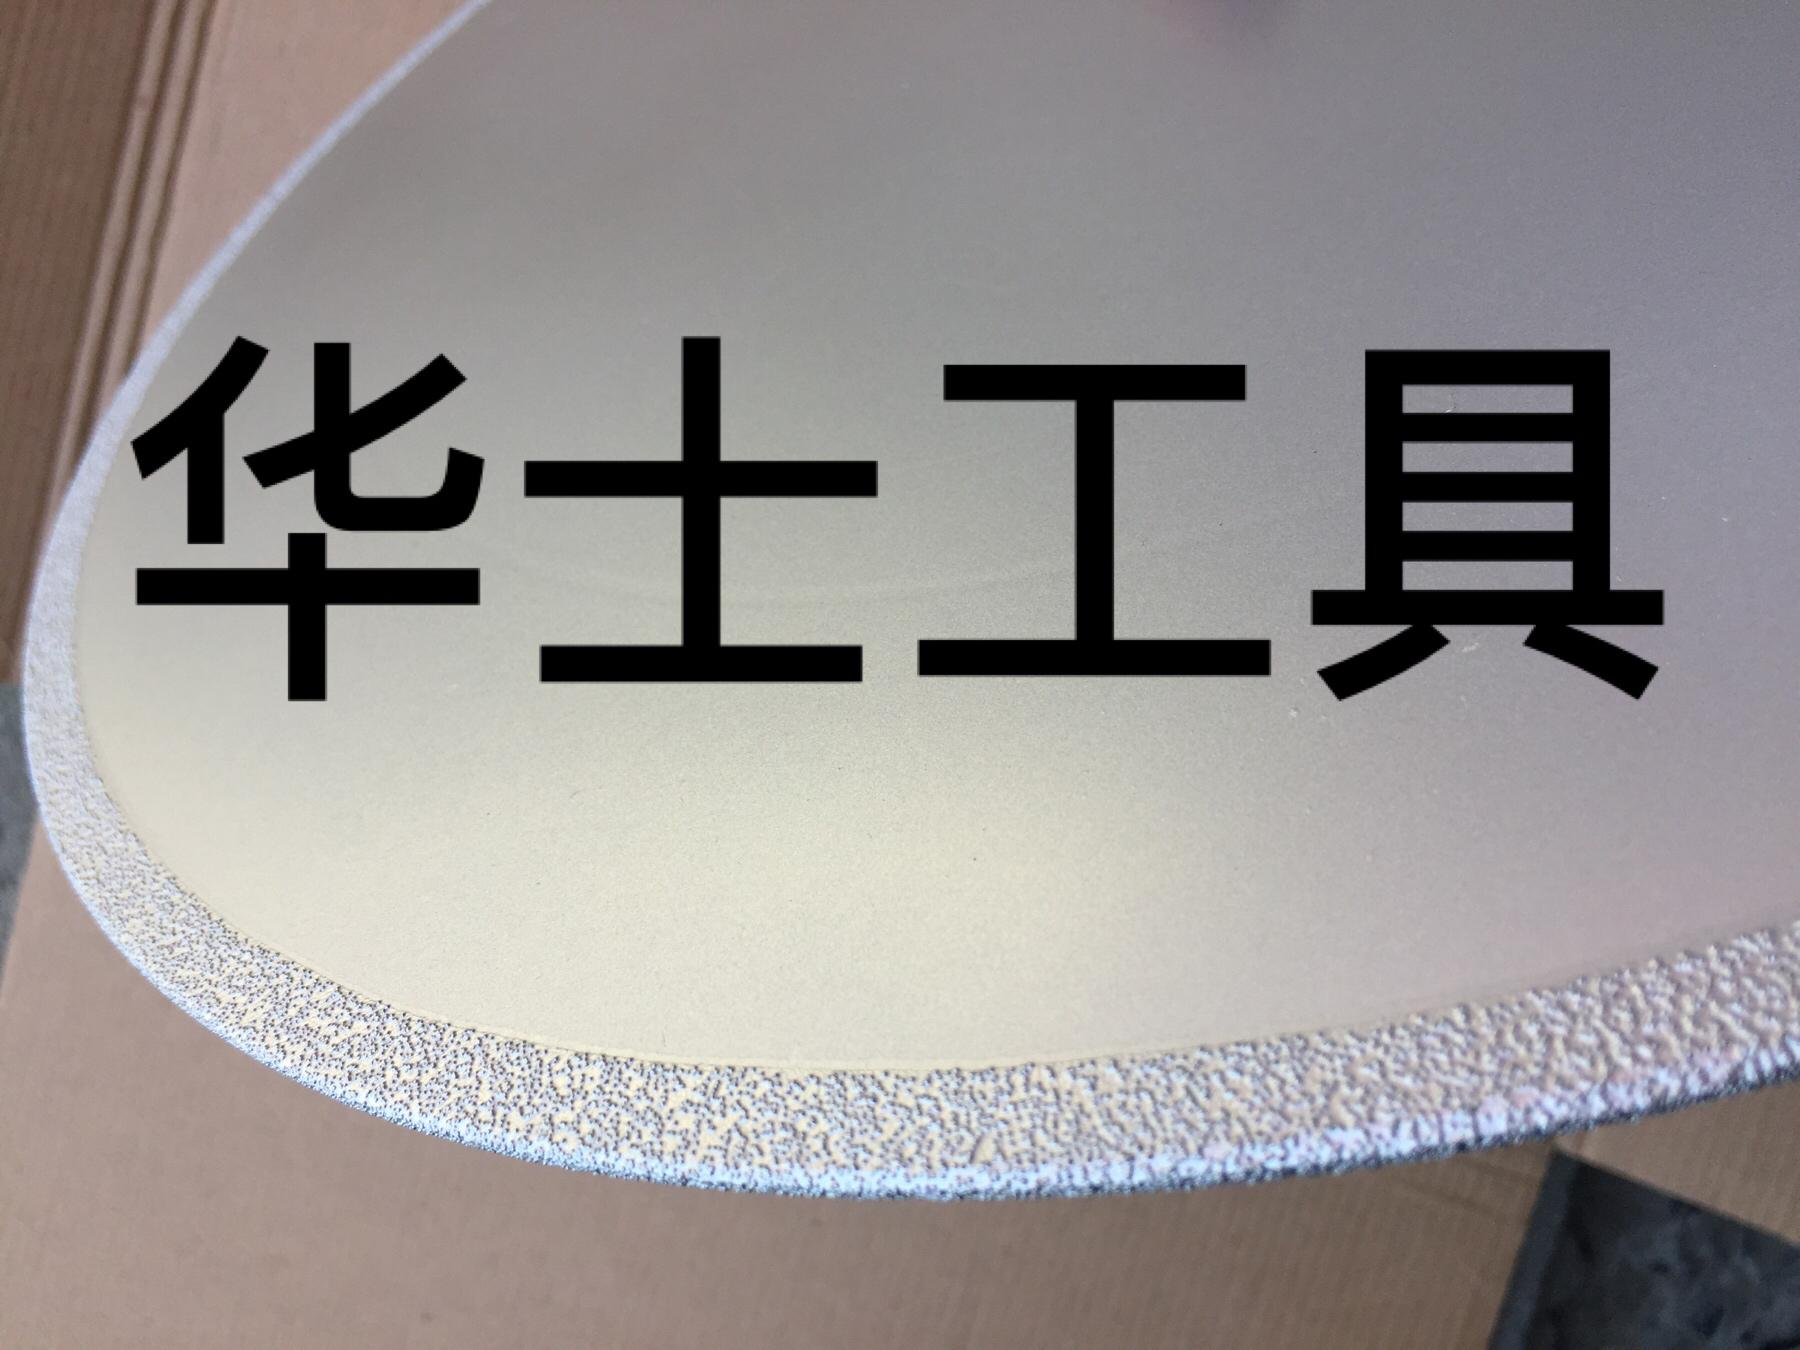 浴缸-金刚石锯片  洁具-金刚石锯片 4